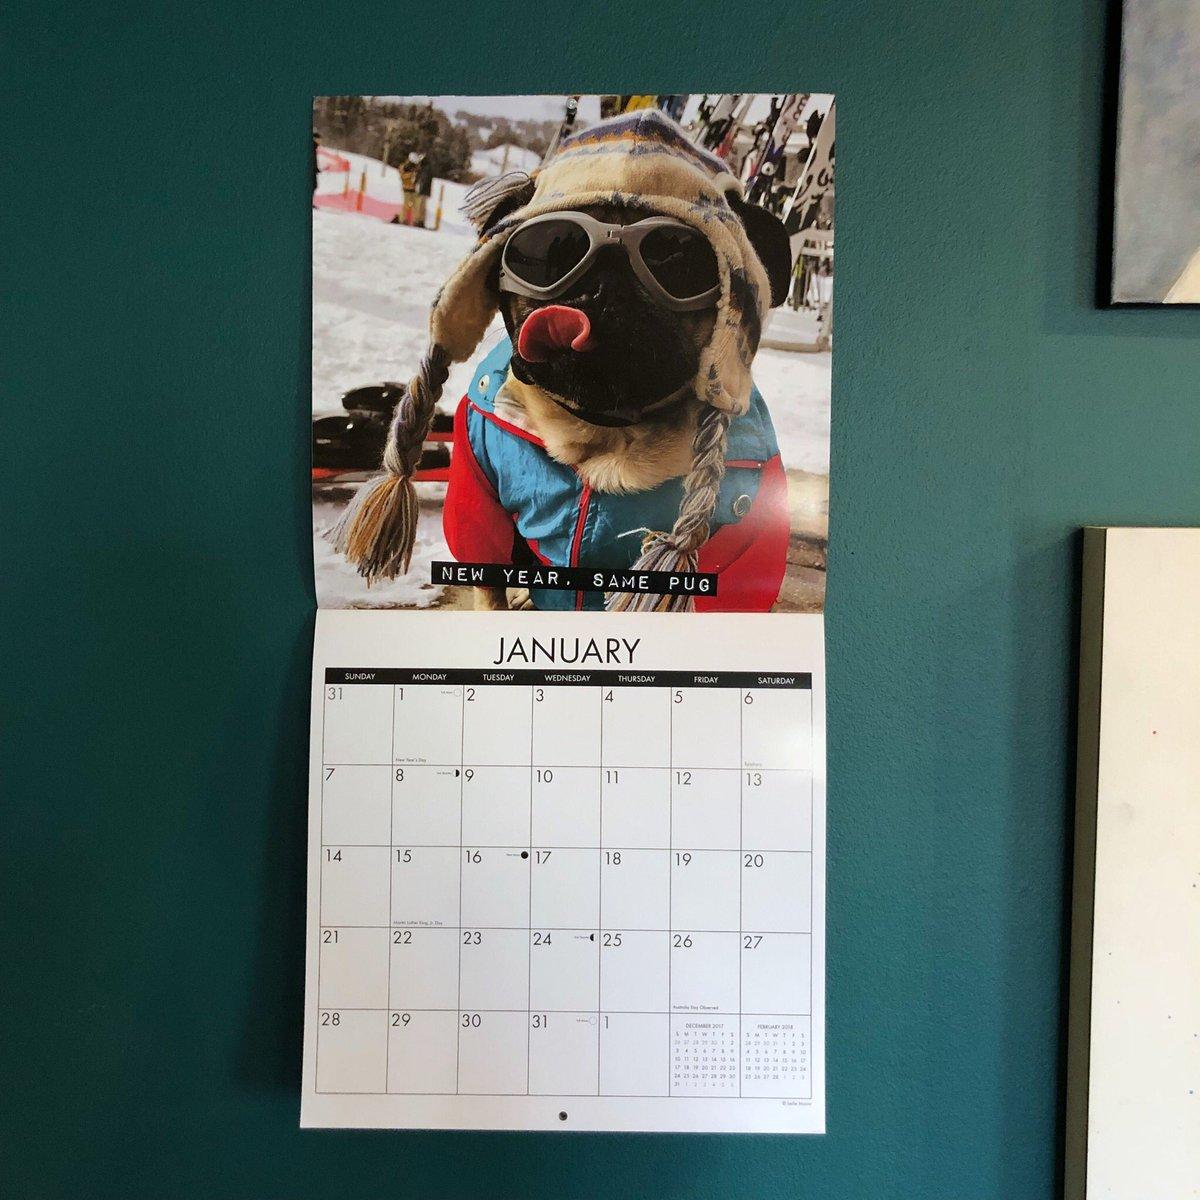 Doug The Pug On Twitter Who Hung Up Their 2018 Calendar Already